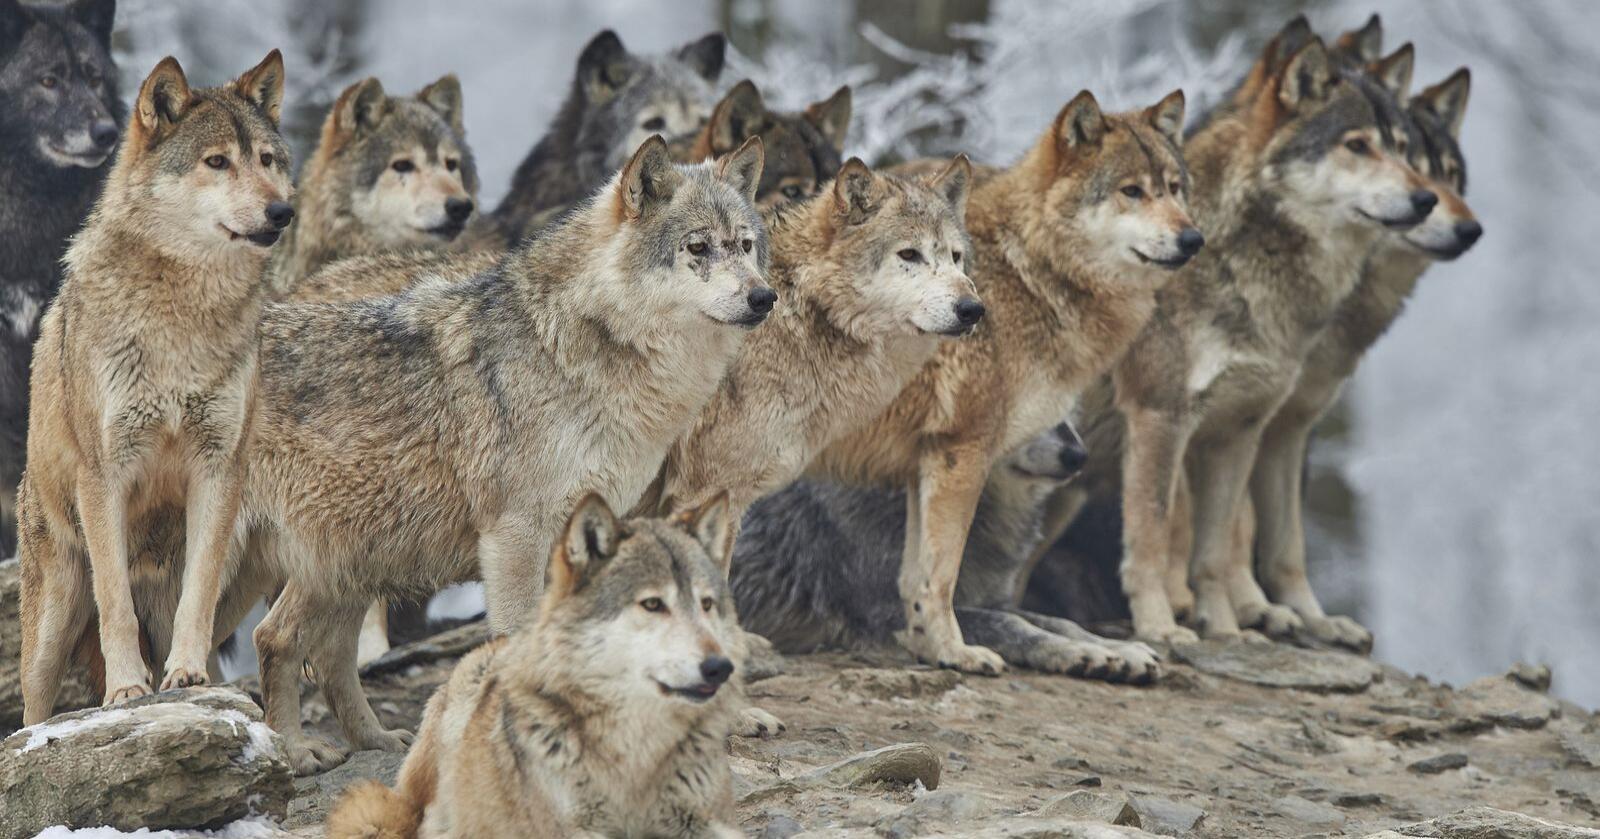 Kan staten på lovlig vis holde en art som er kritisk truet på rødlisten nede på kontinuerlig kritisk truet nivå gjennom årlig uttak, for eksempel gjennom jakt? Det er WWFs spørsmål. Foto: Shutterstock / NTB